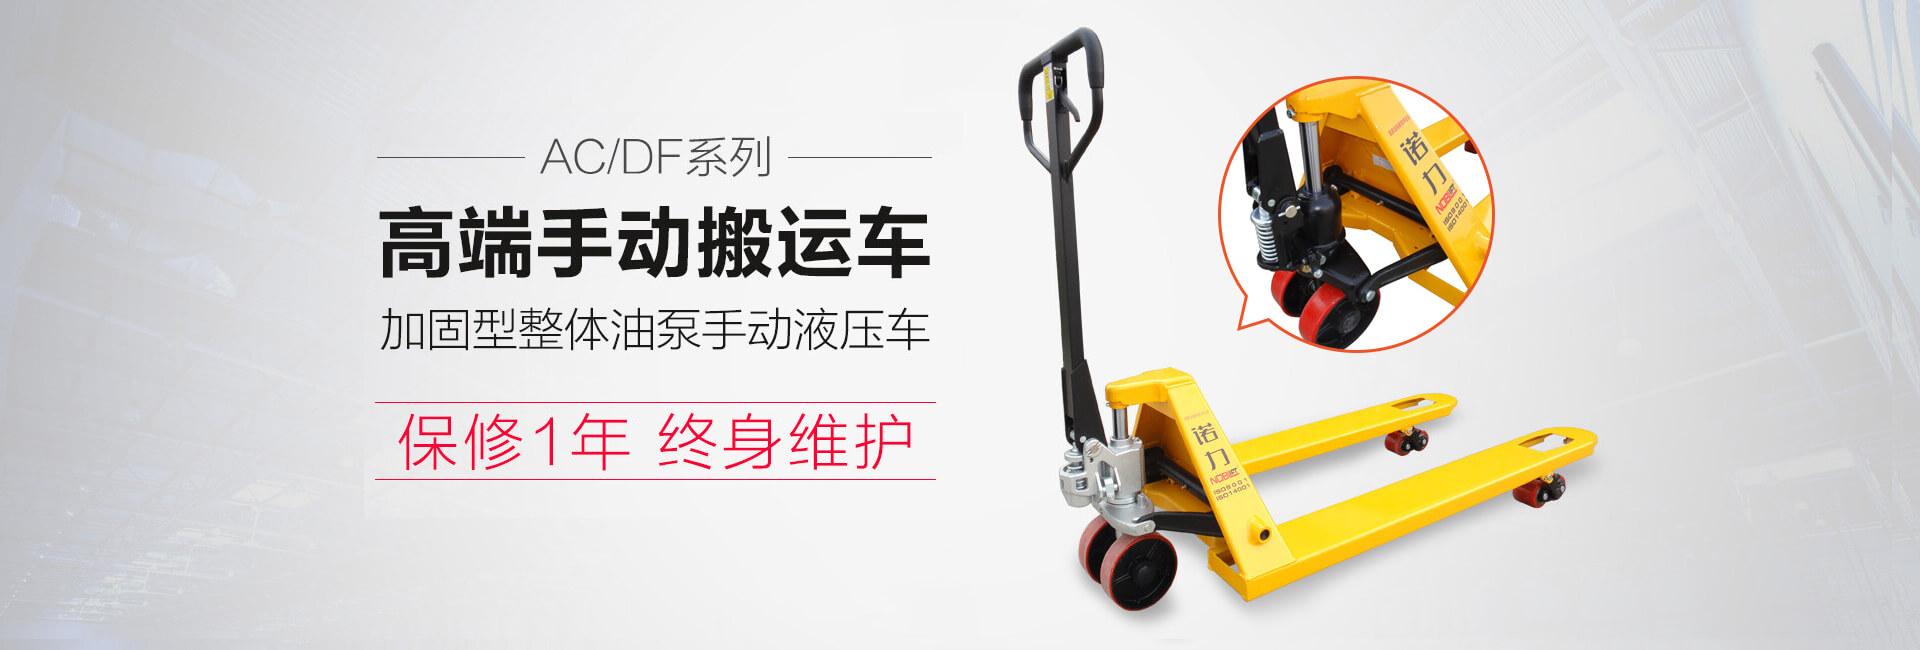 江苏德彼特工业设备有限公司